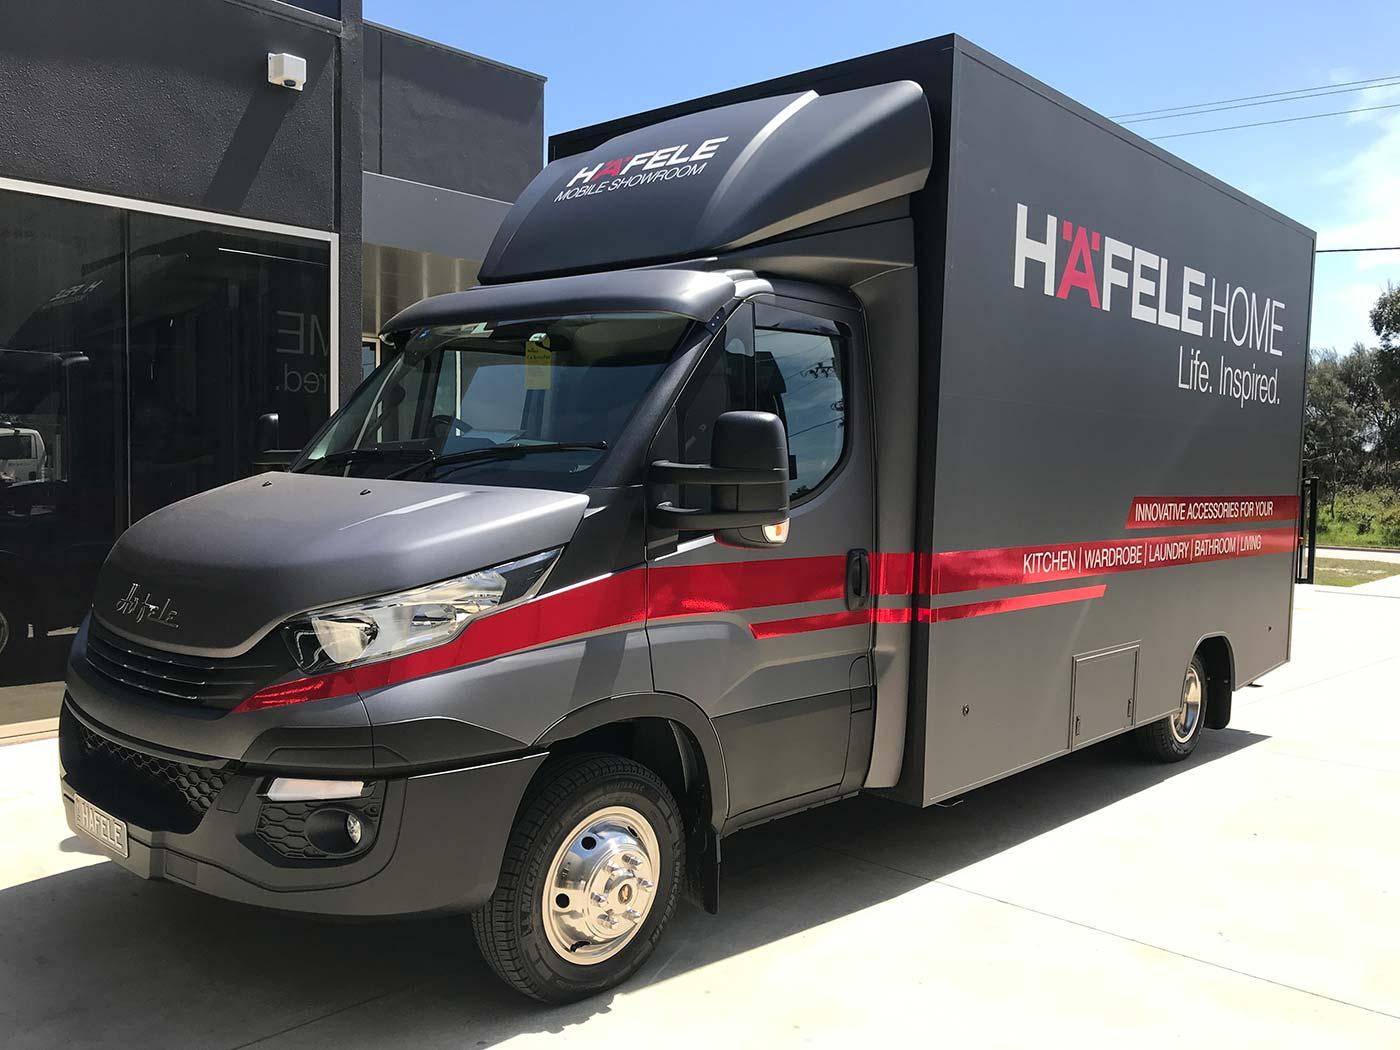 Hafele--Mobile-Vehicle-Showroom-7